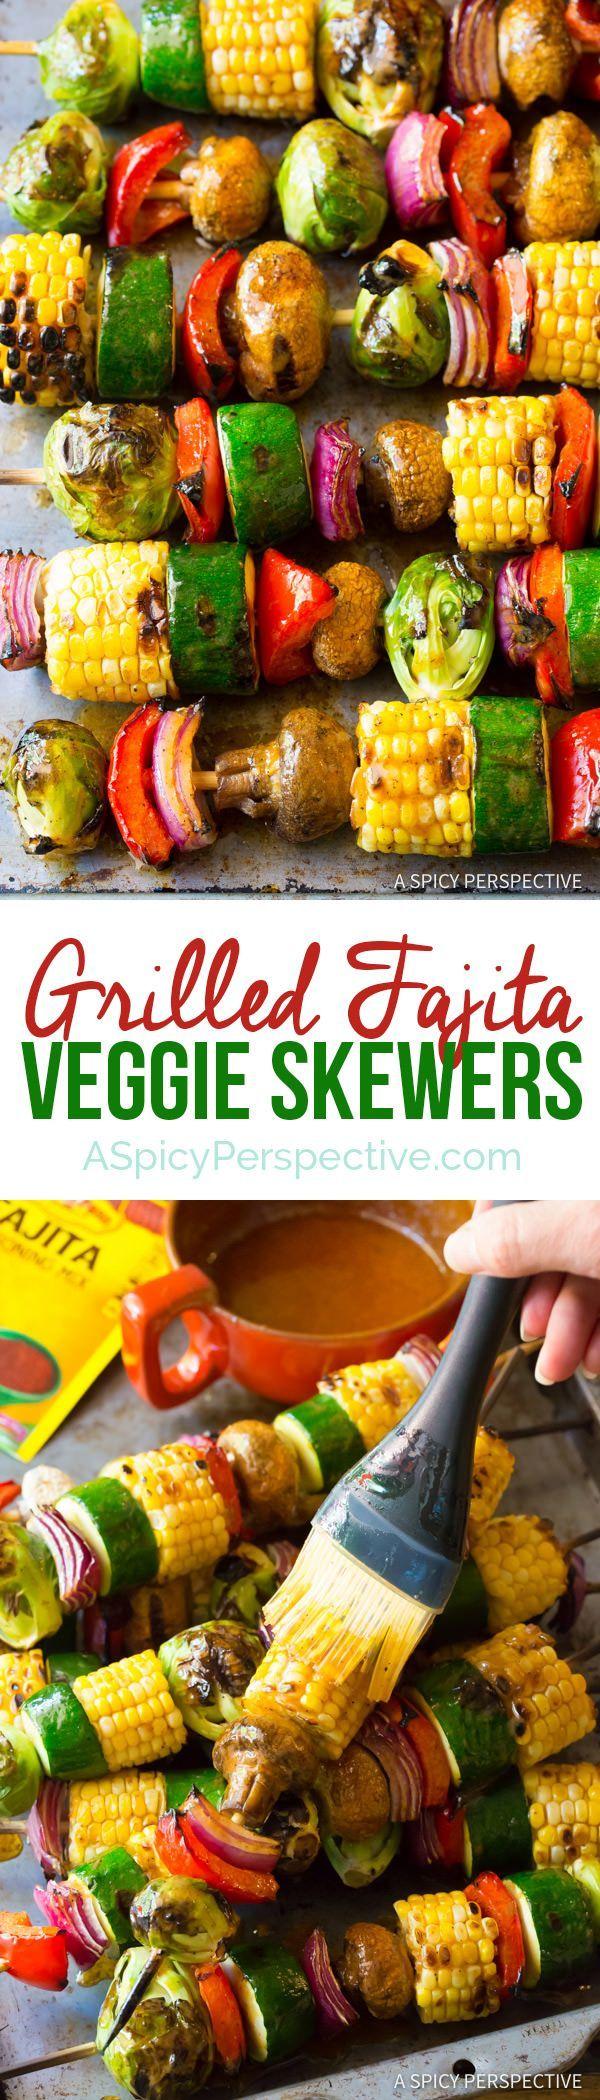 Sizzling Grilled Fajita Vegetable Skewers | ASpicyPerspective.com